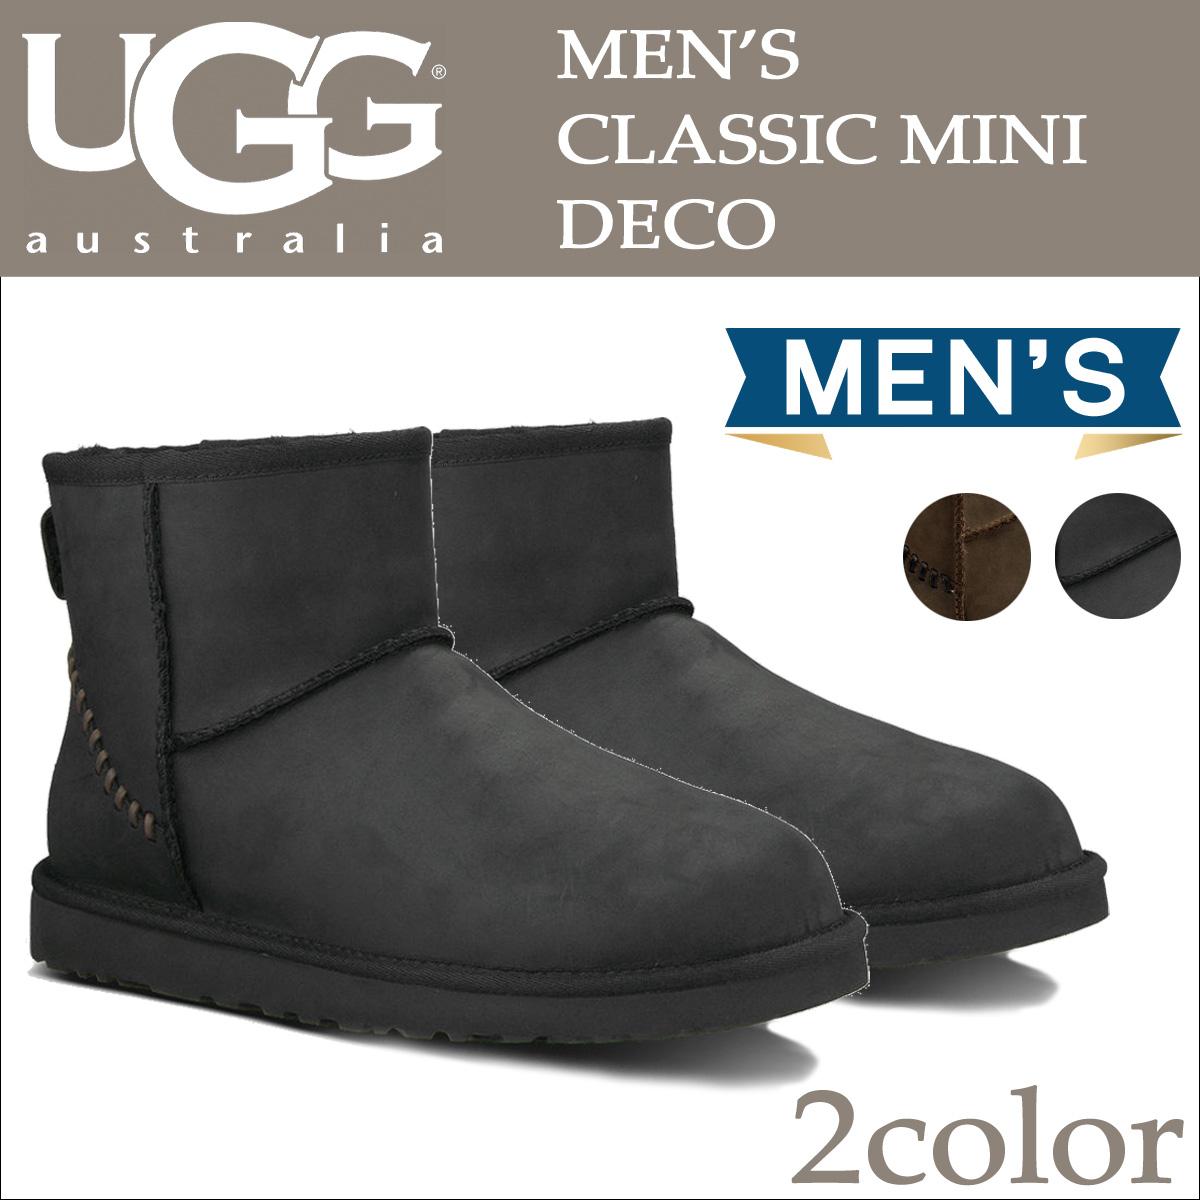 アグ UGG メンズ クラシック ミニ ムートンブーツ MENS CLASSIC MINI DECO 1003945